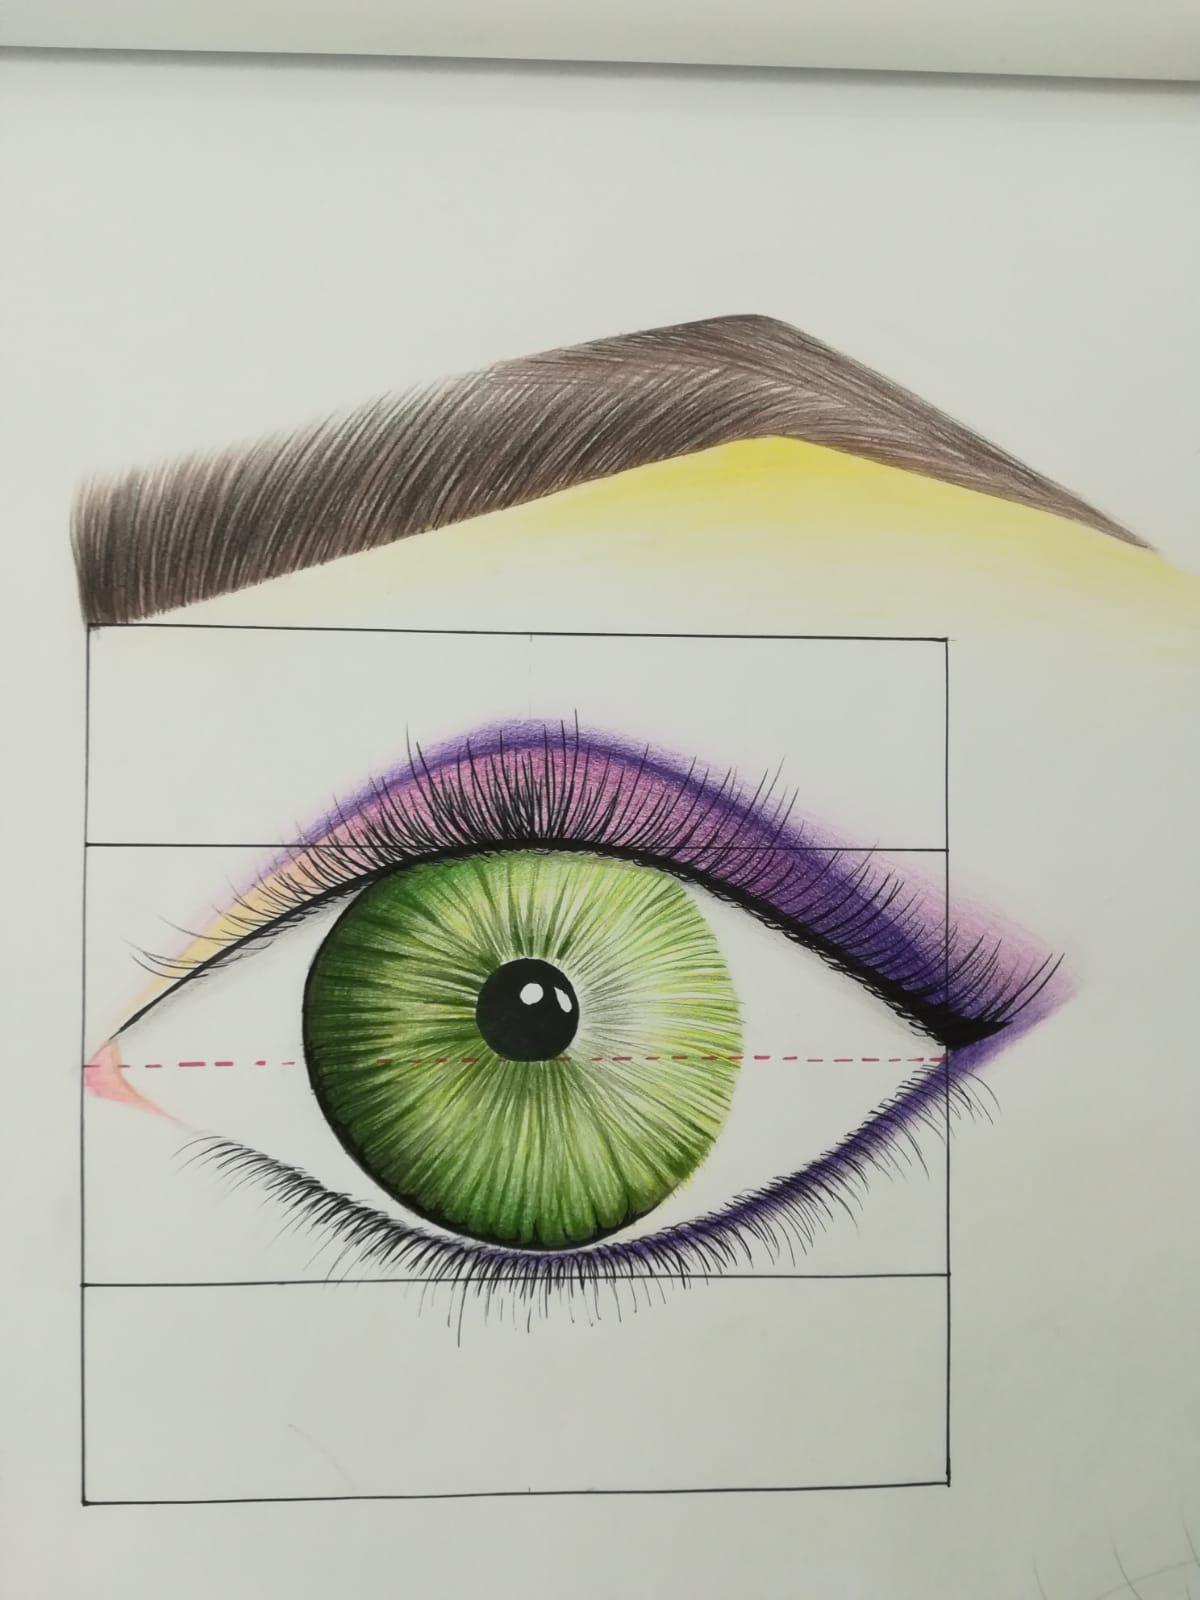 Dibujar Es Planear Organizar Ordenar Relacionar Y Controlar Joseph Albers Seguimos Curso De Maquillaje Clases De Dibujo Curso De Maquillaje Profesional